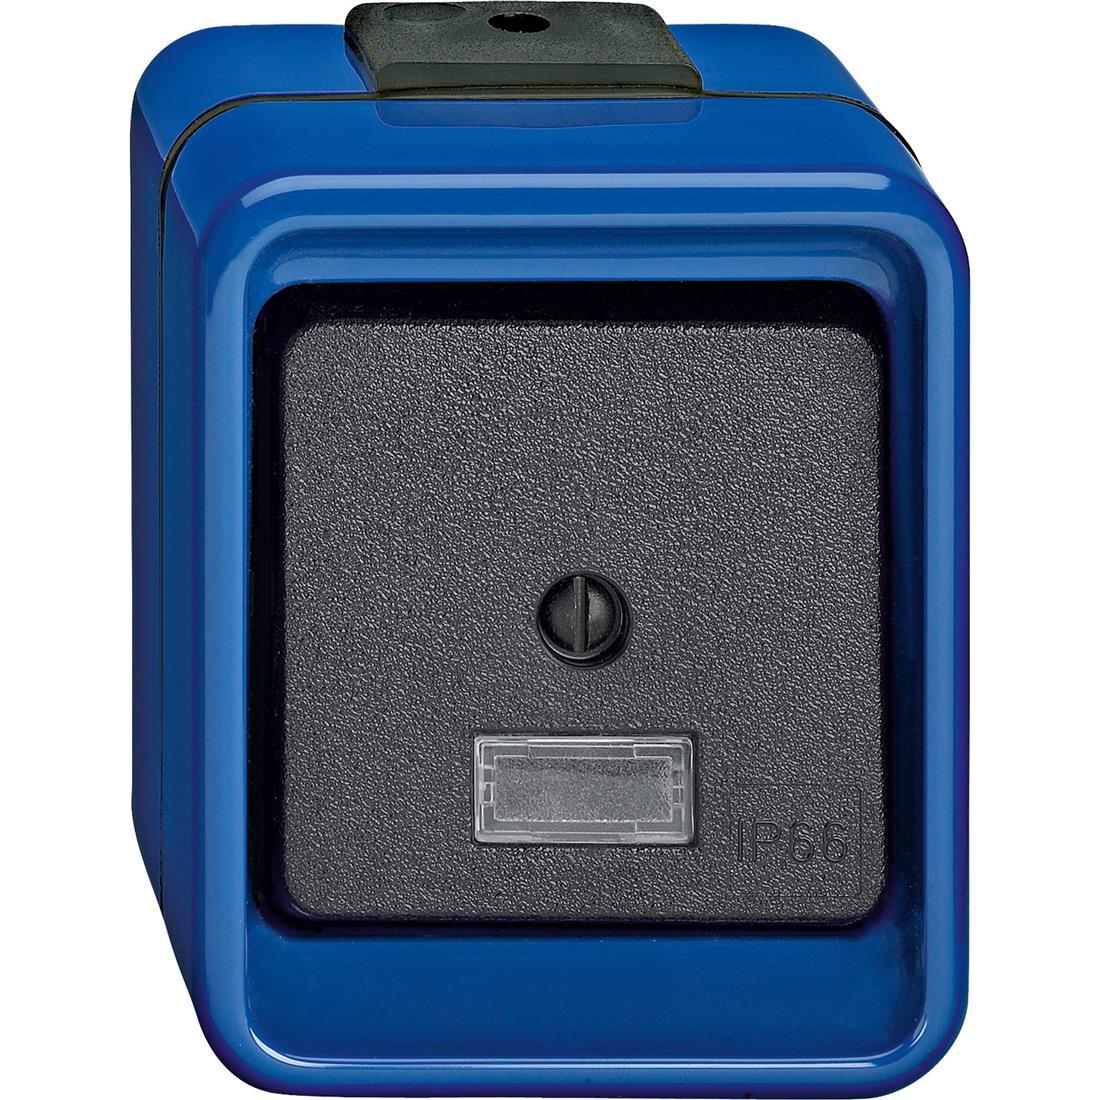 Schneider-Merten Slagvast wisselschakelaar met lamp - blauw (370675)